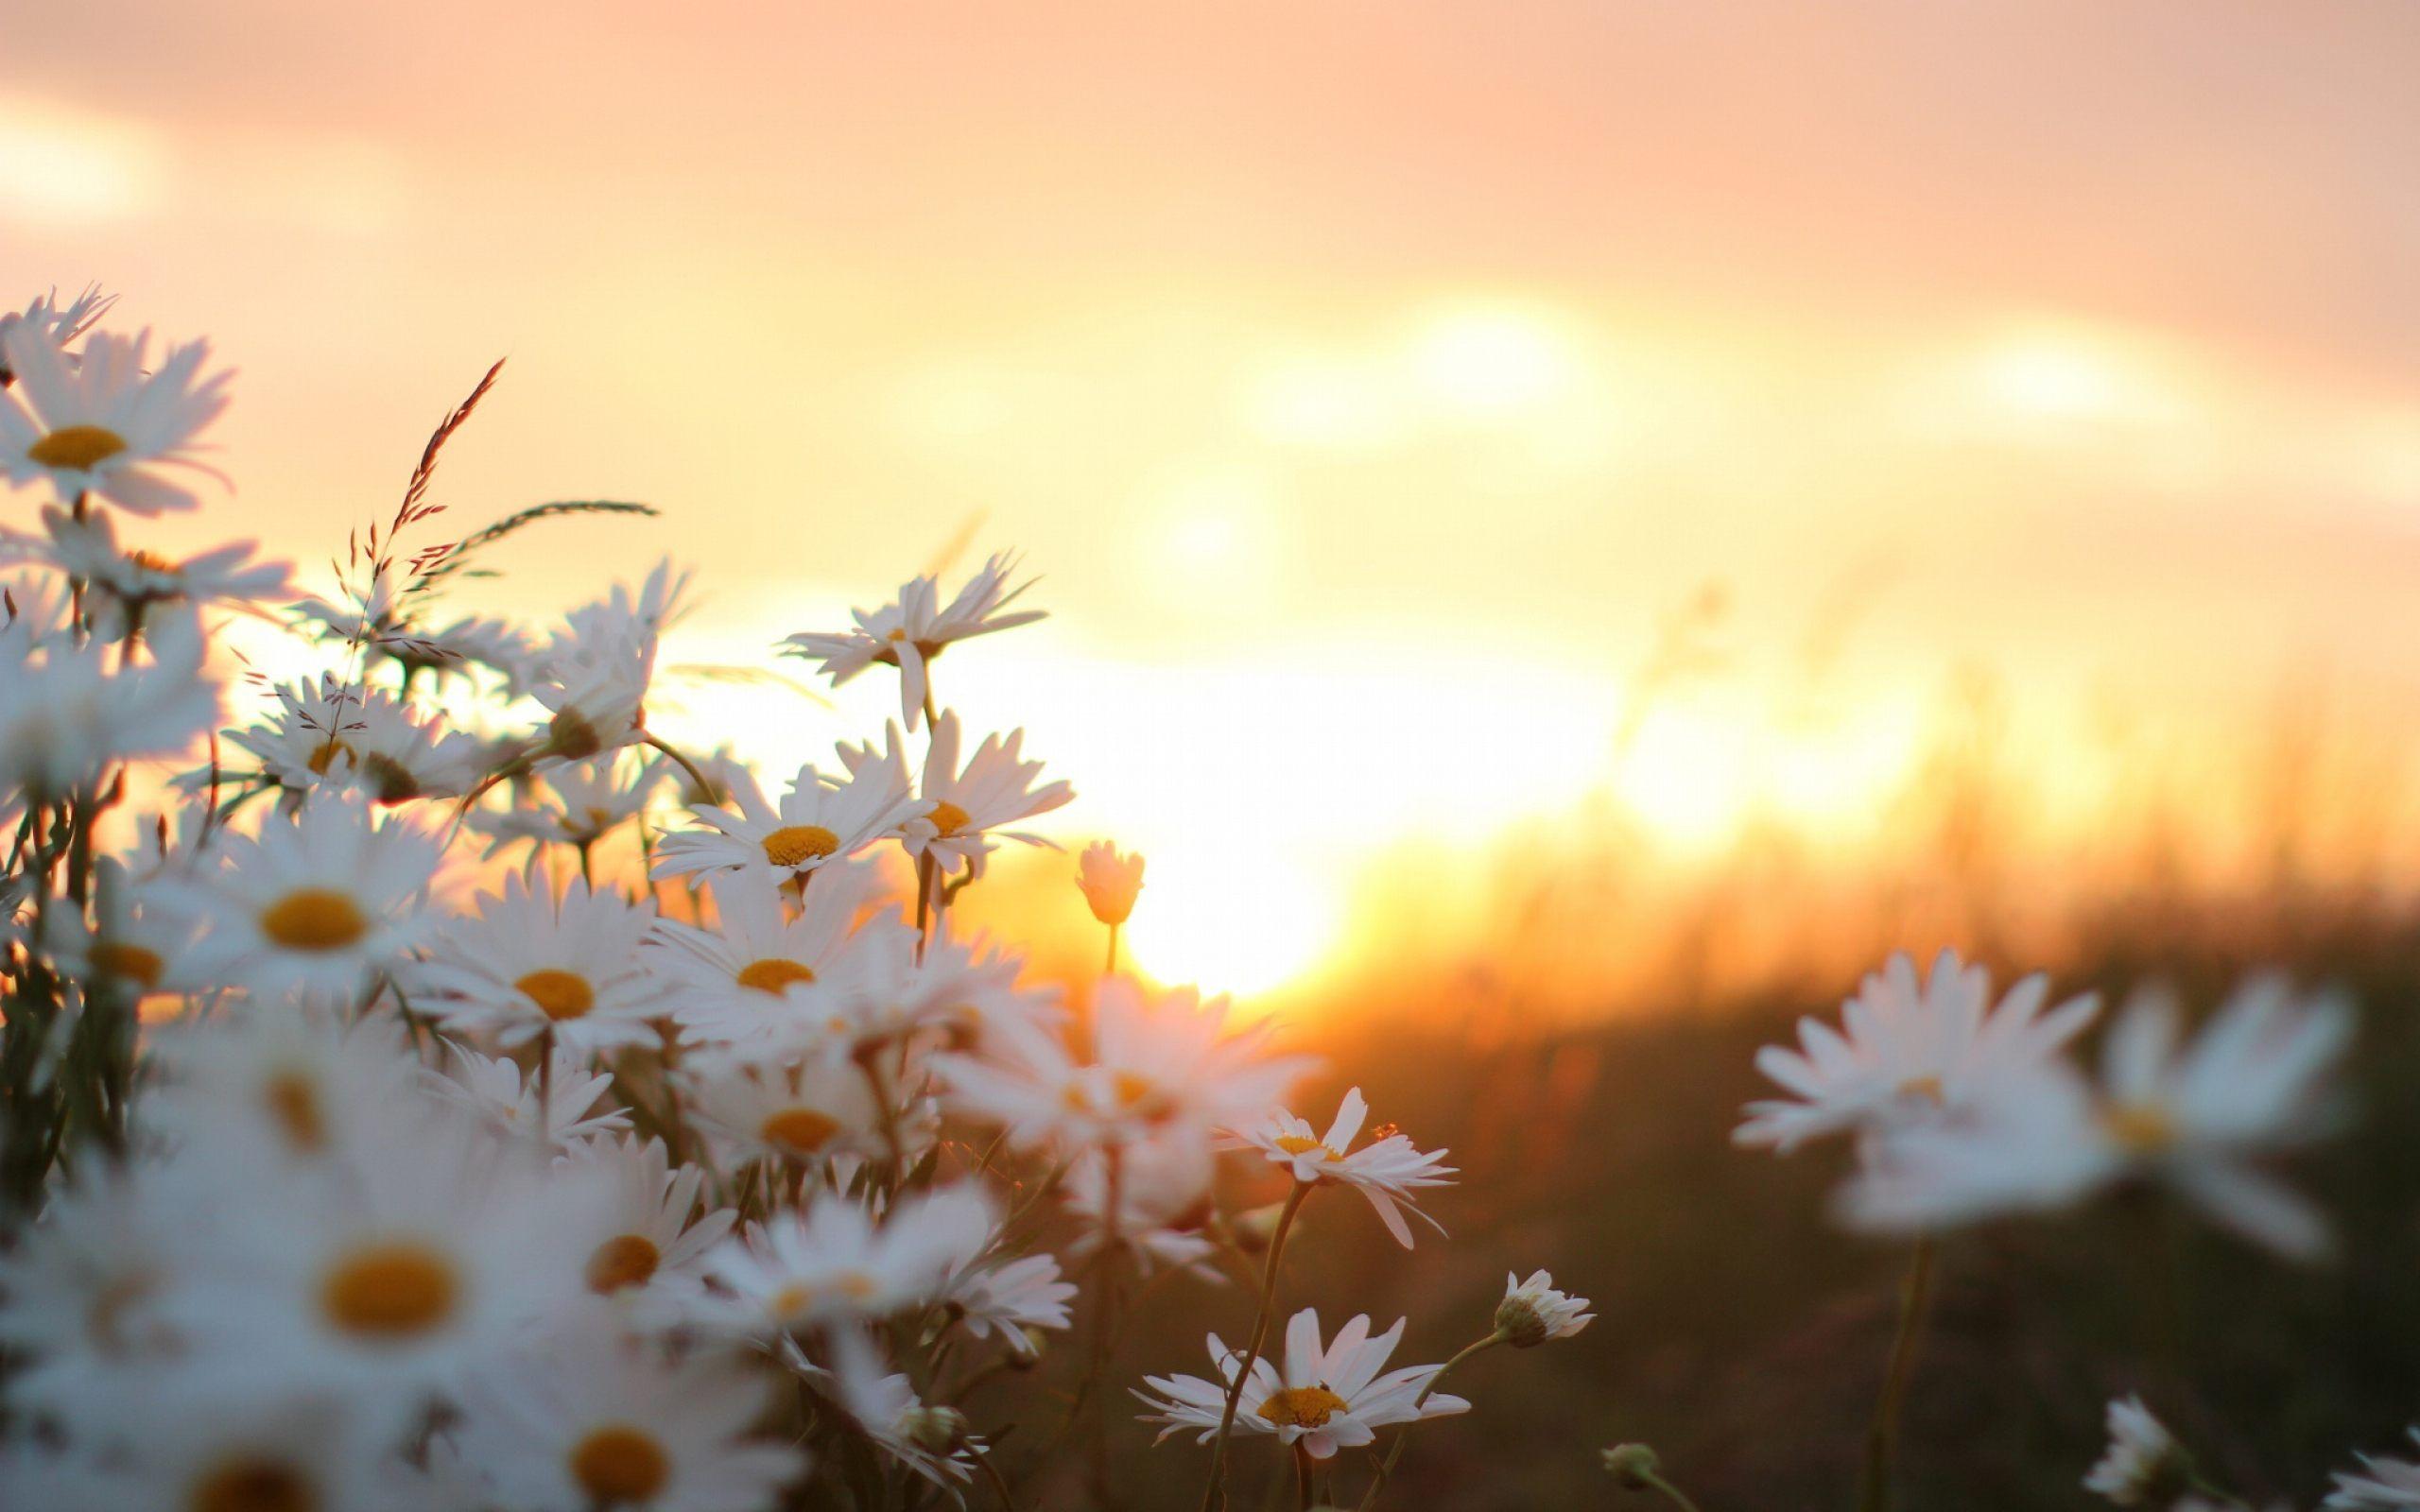 beautiful sunrises pictures